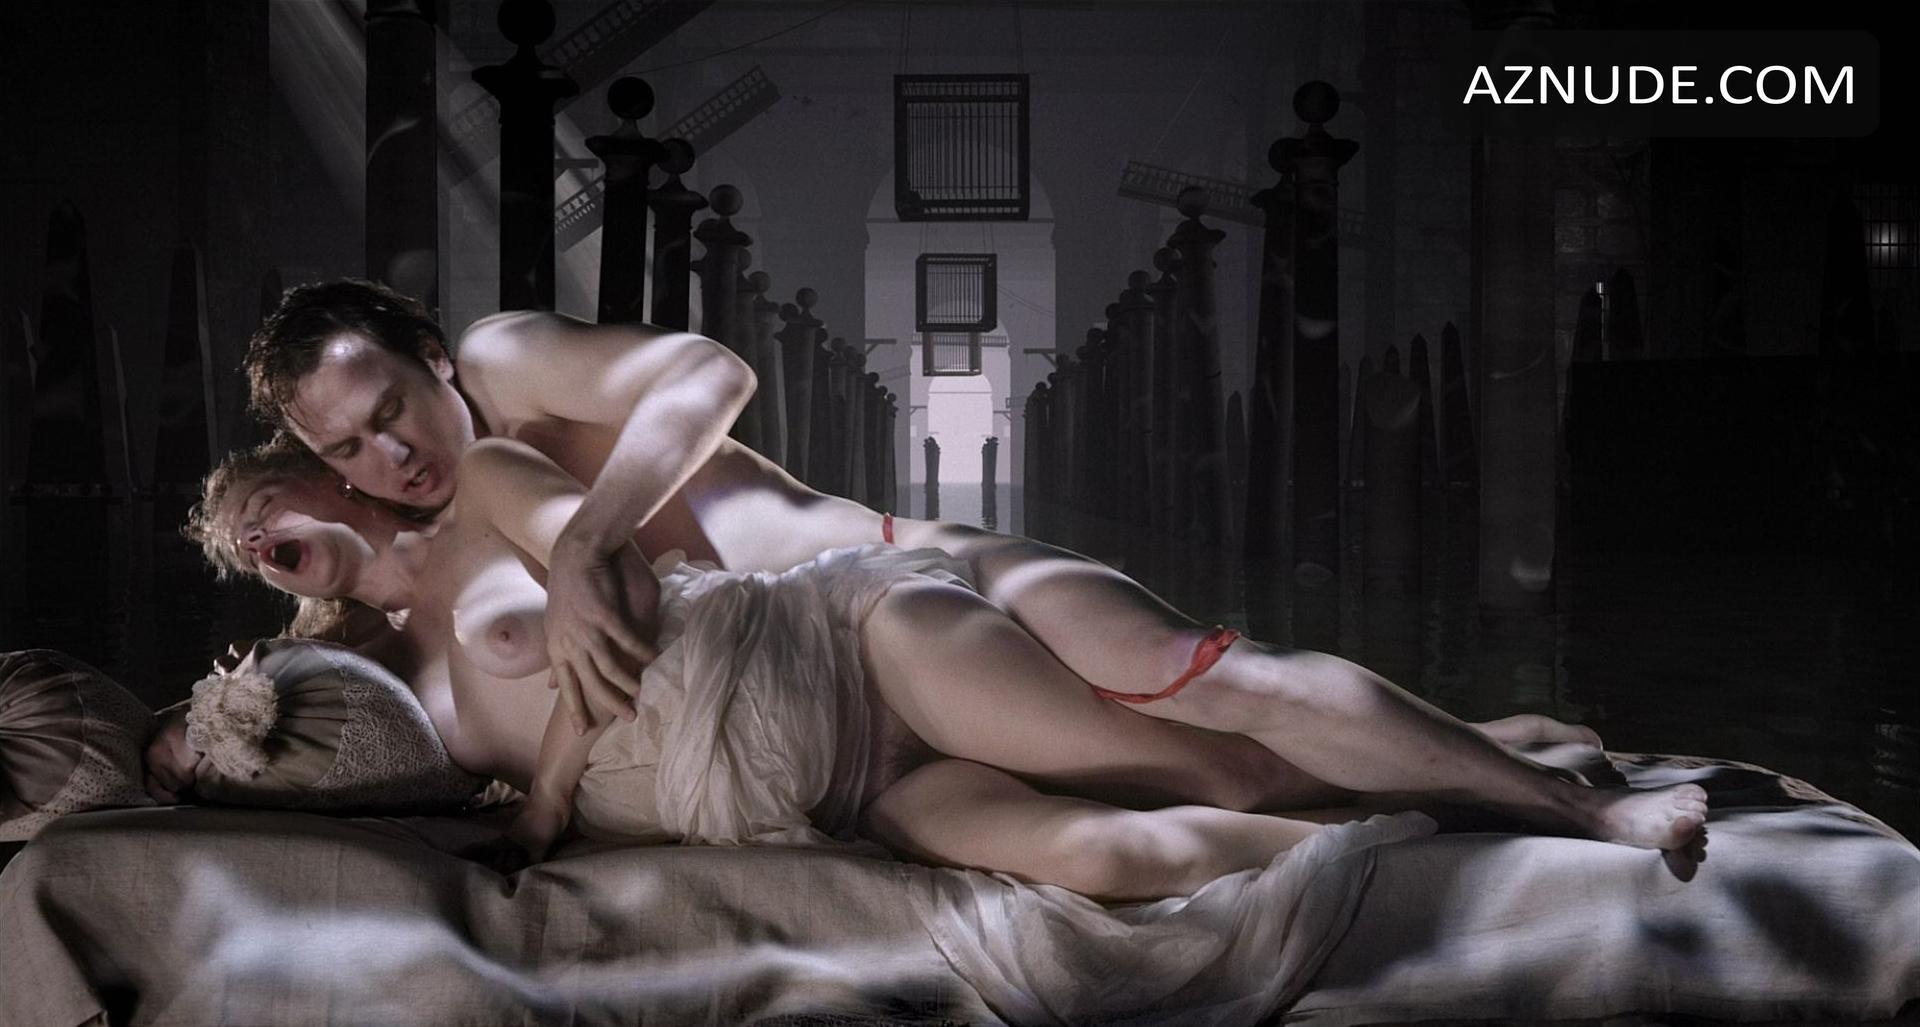 Carice van houten movies amp tv series nude scenes - 2 part 6